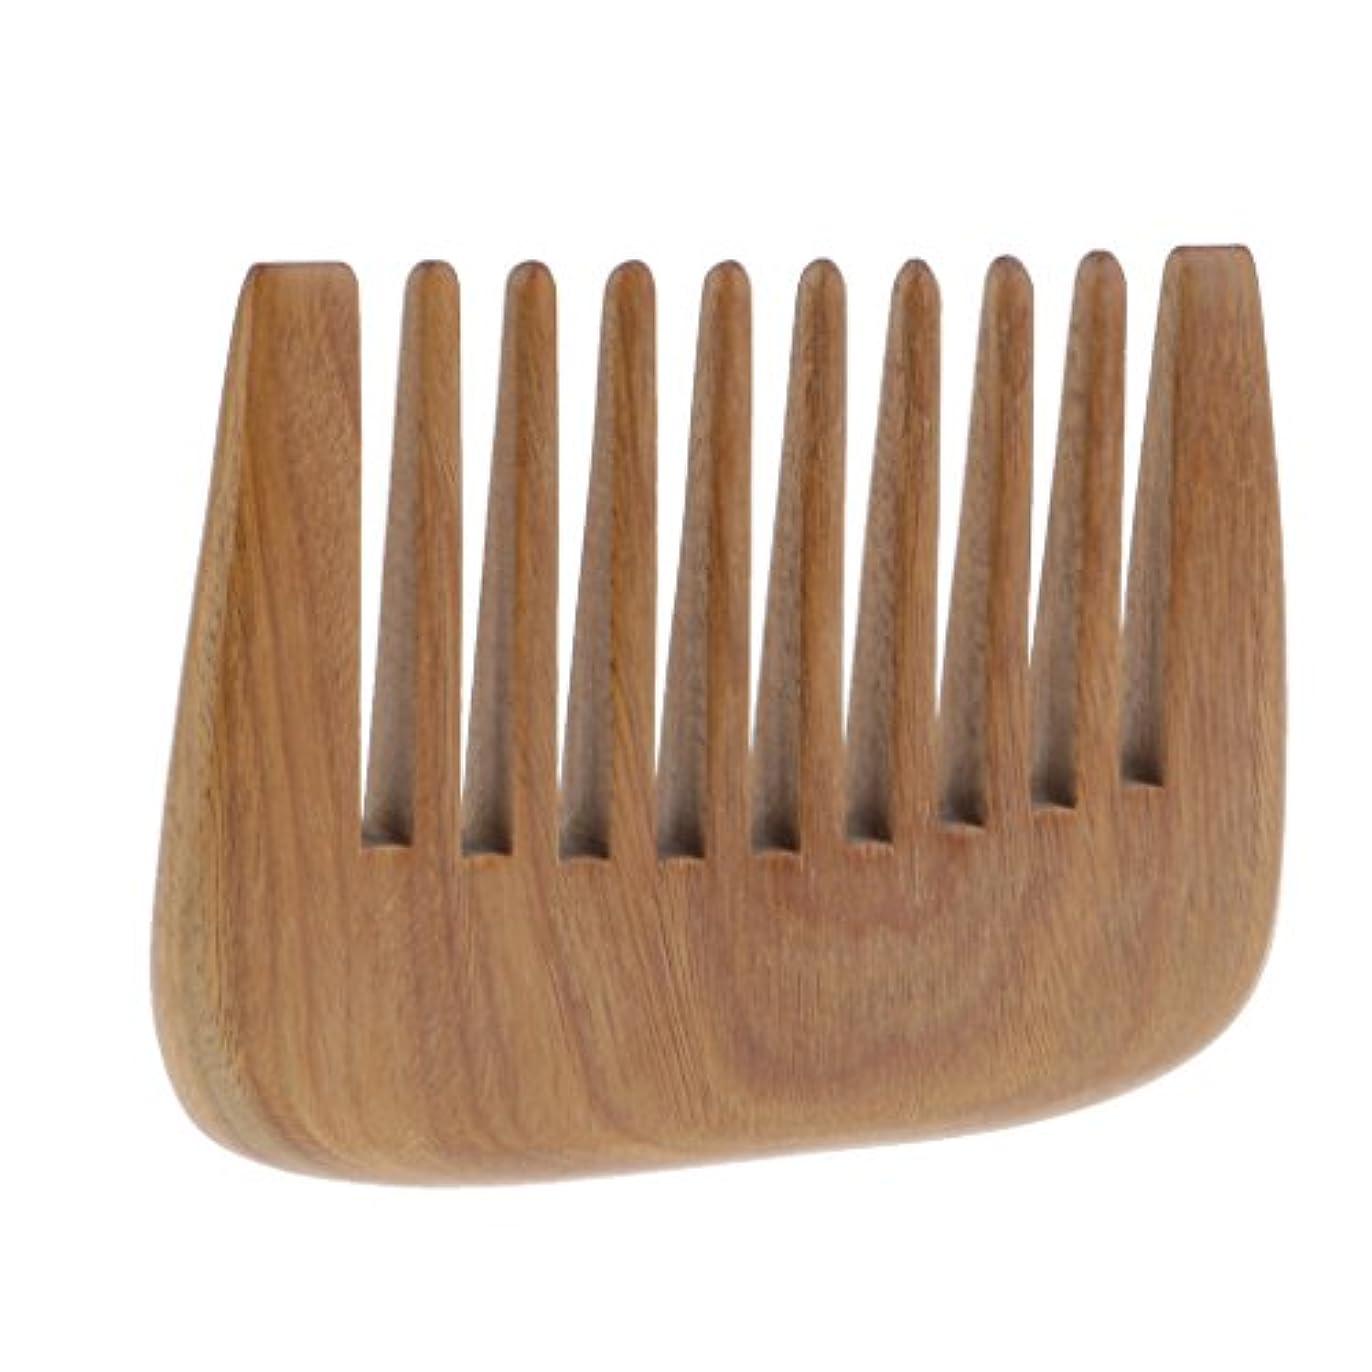 留まる取得派手木製の櫛の髪ピック広い歯ポケット髪の櫛の髪のもつれを解消する櫛毛マッサージャーブラシグリーン白檀